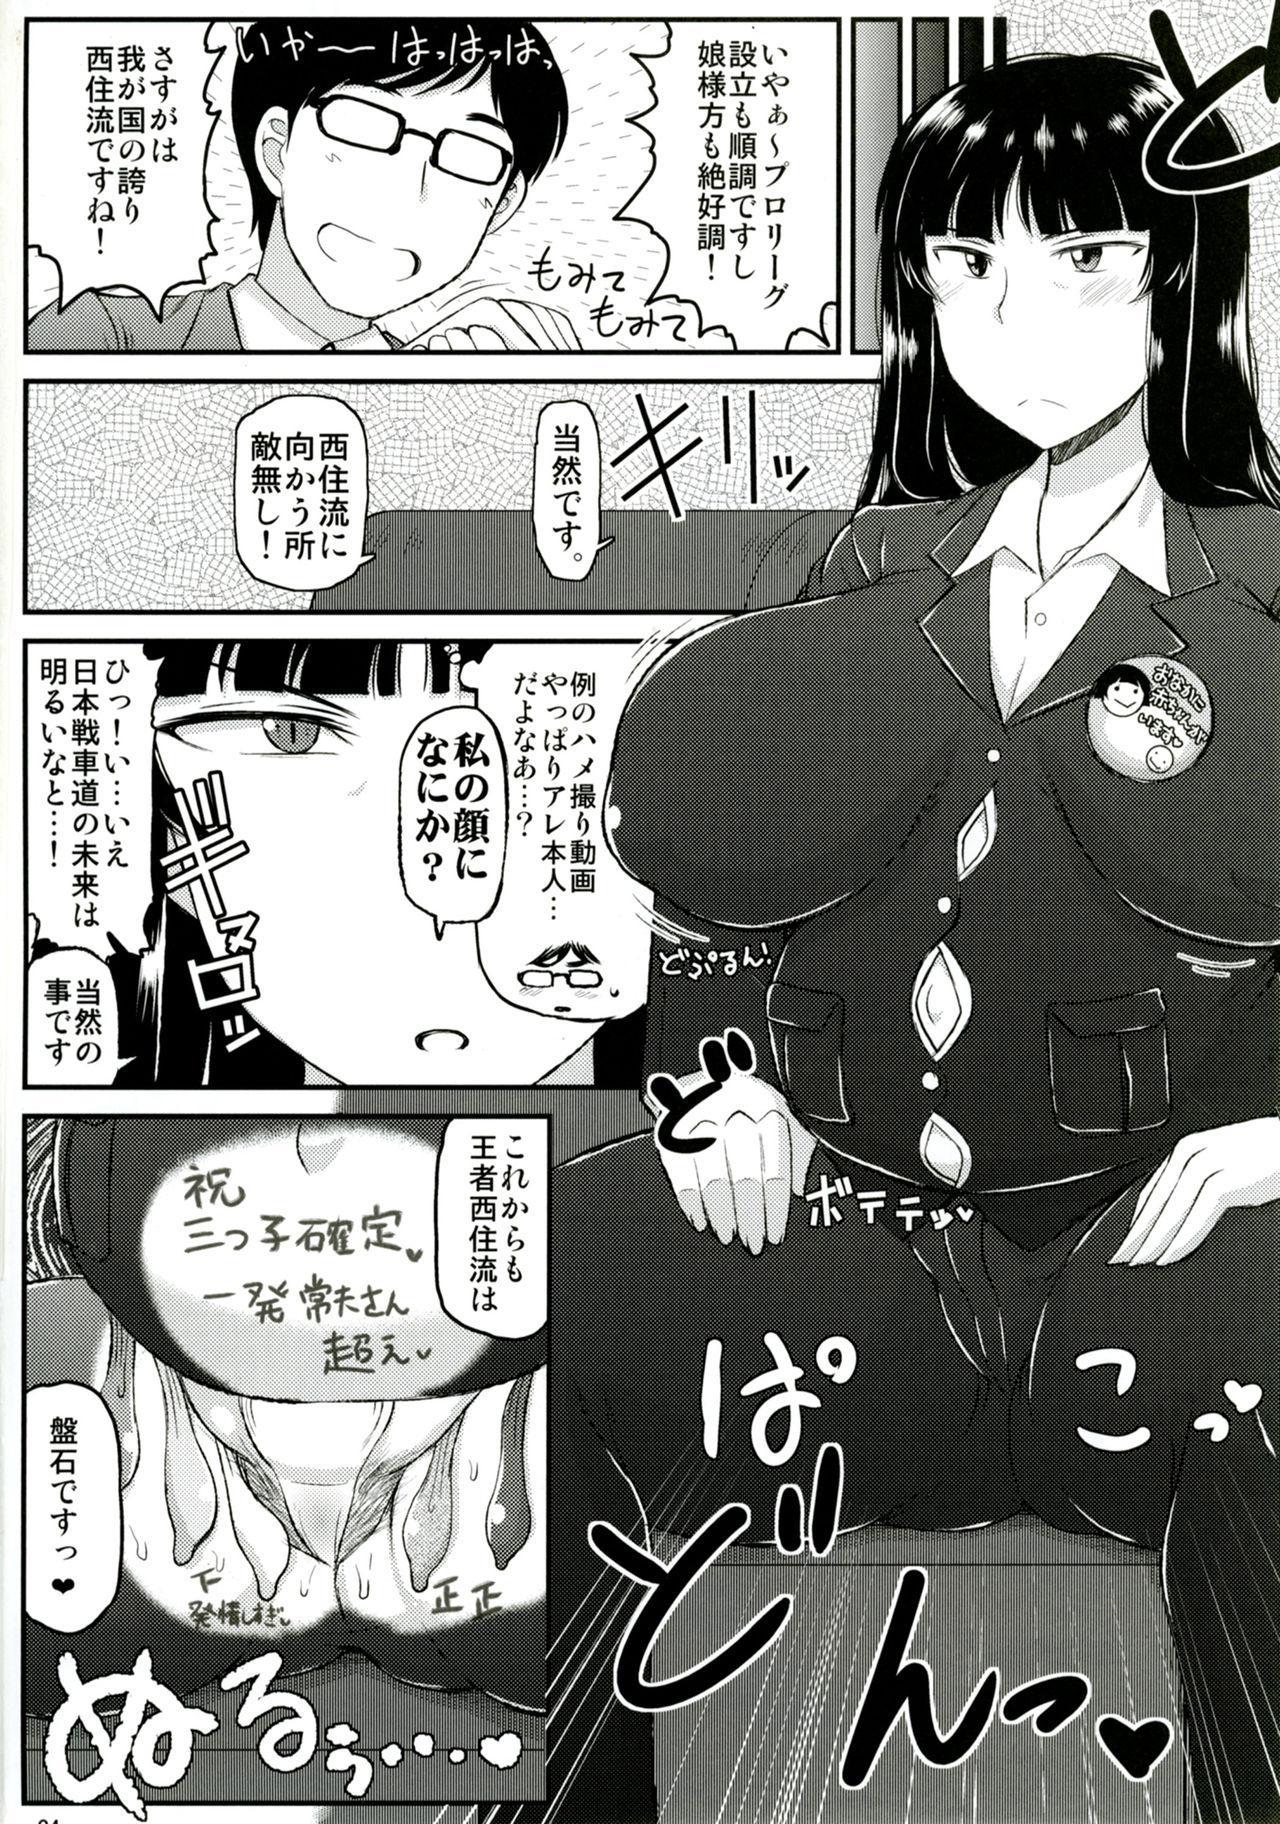 Girl?s & Semen III Nishizumi Shiho no Moteamashita Ureure Body wo Chuunen Chinpo de Soutou Sakusen! Iemoto Ransou ni Idenshi Seichuu Butai Shinkou Kaishi 24